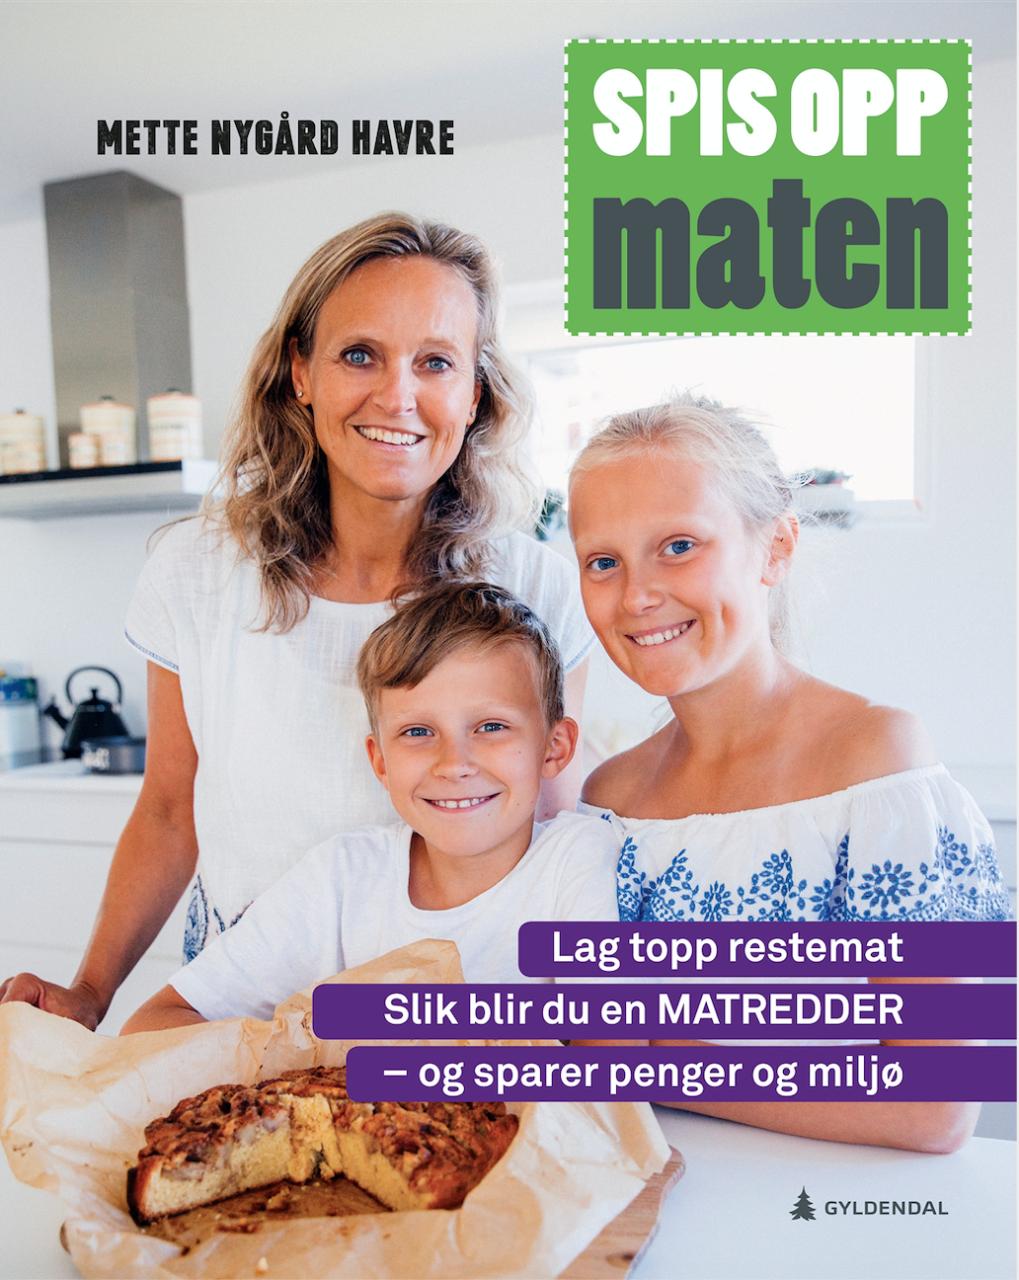 spis-opp-maten-lynkurs-i-matredding-gyldendal-gjesteinnlegg